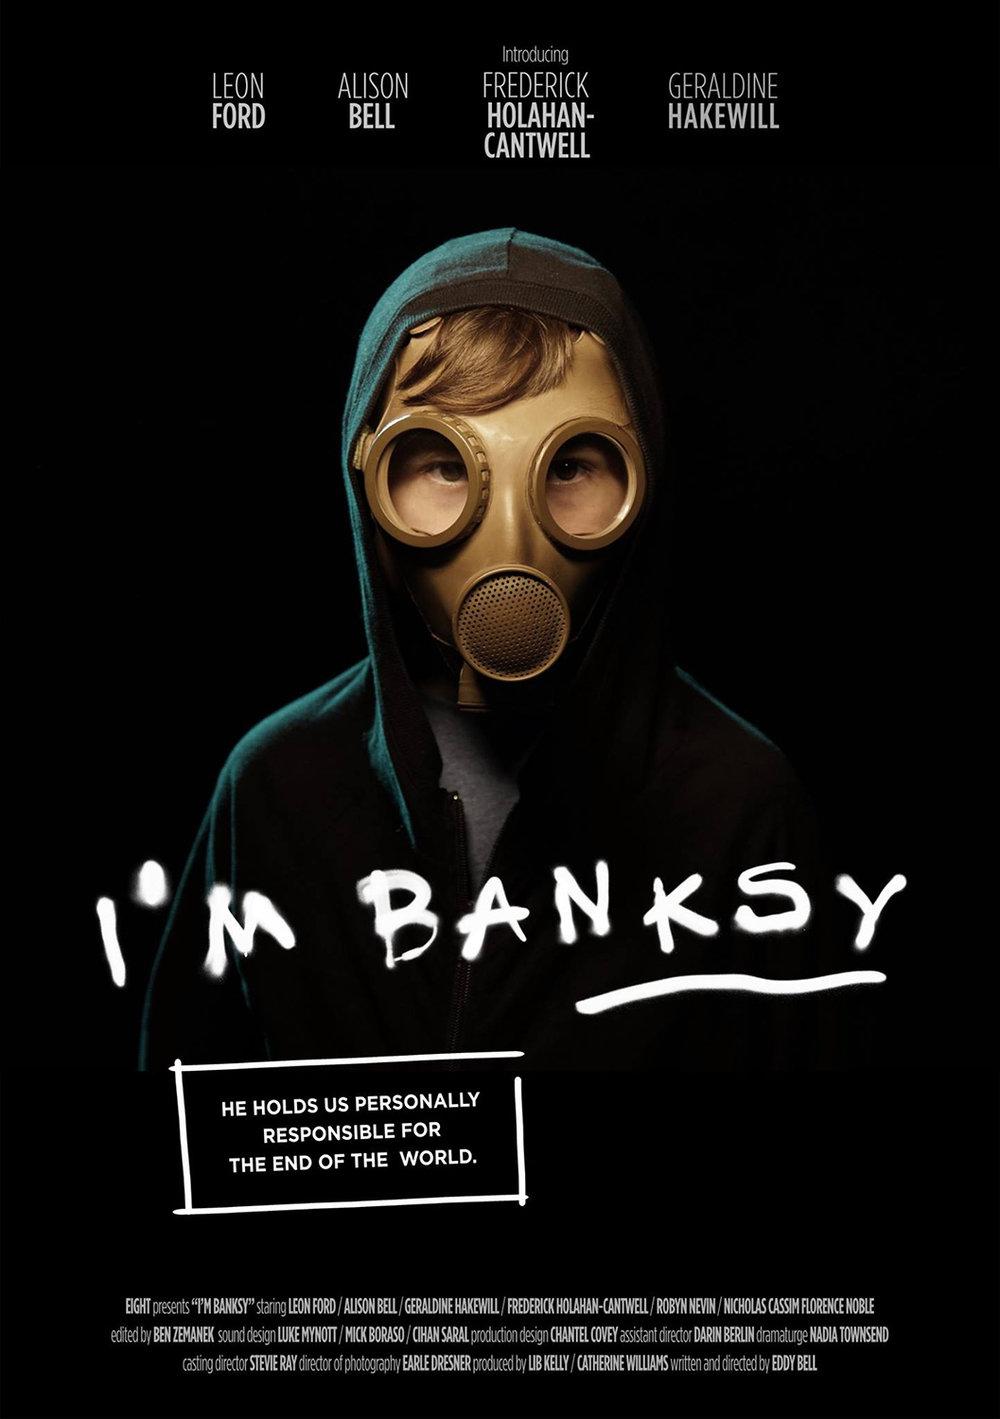 I'm Banksy